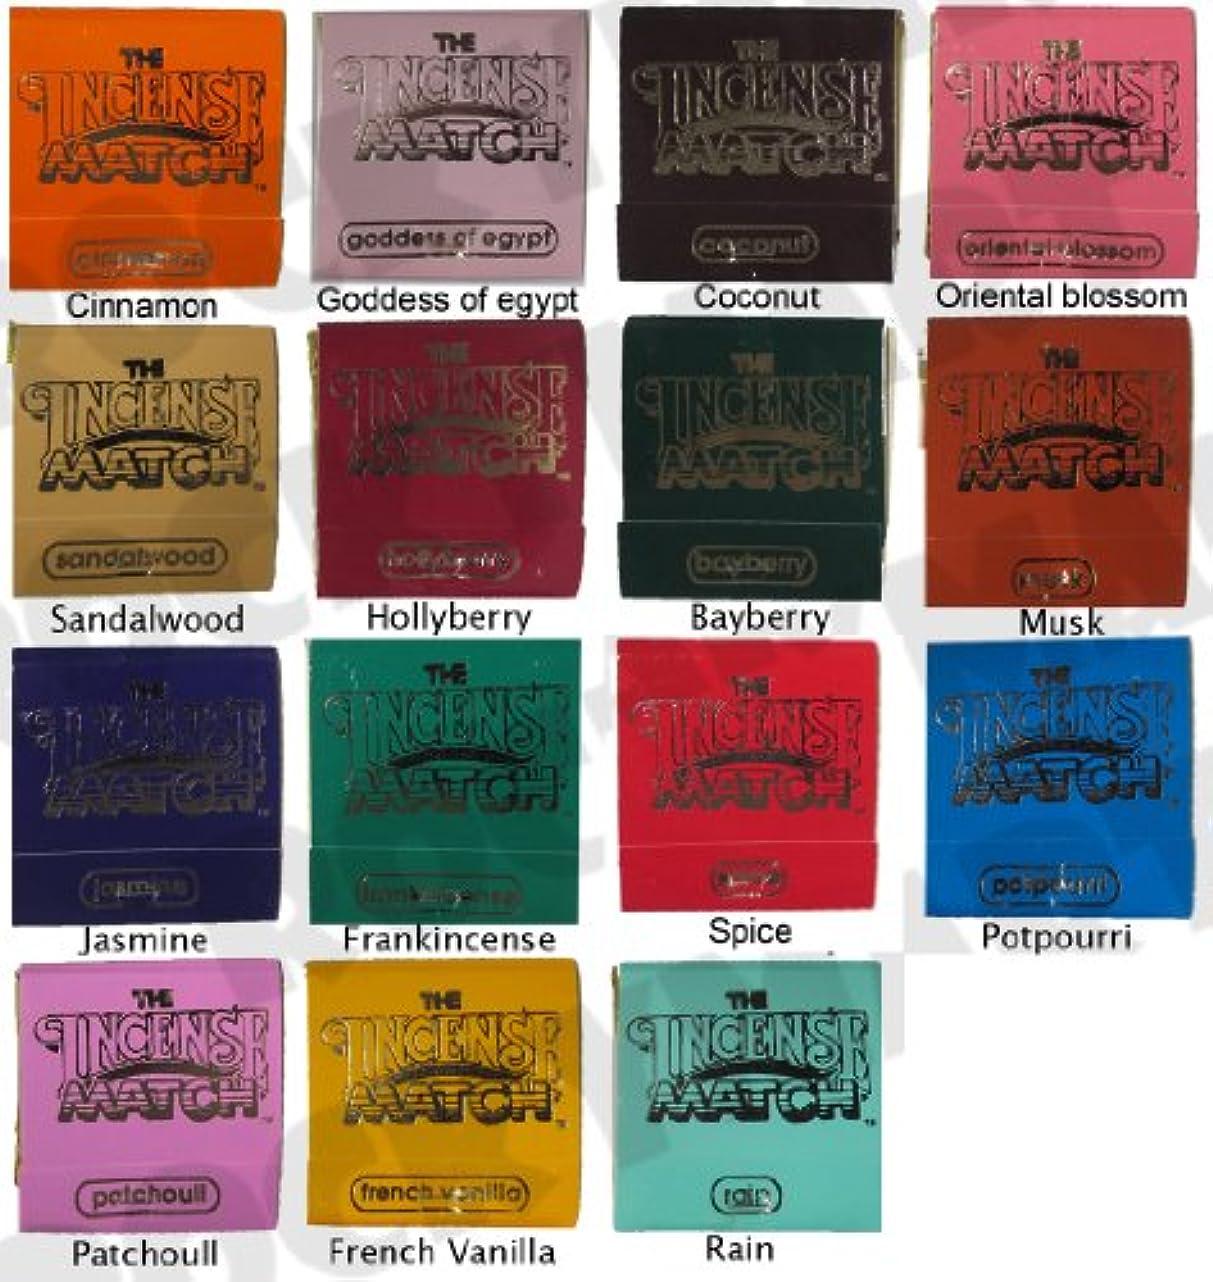 メッセージ送金正当化するSet of 15 Books of Incense Matches - One of each of the 15 Fragrances Available